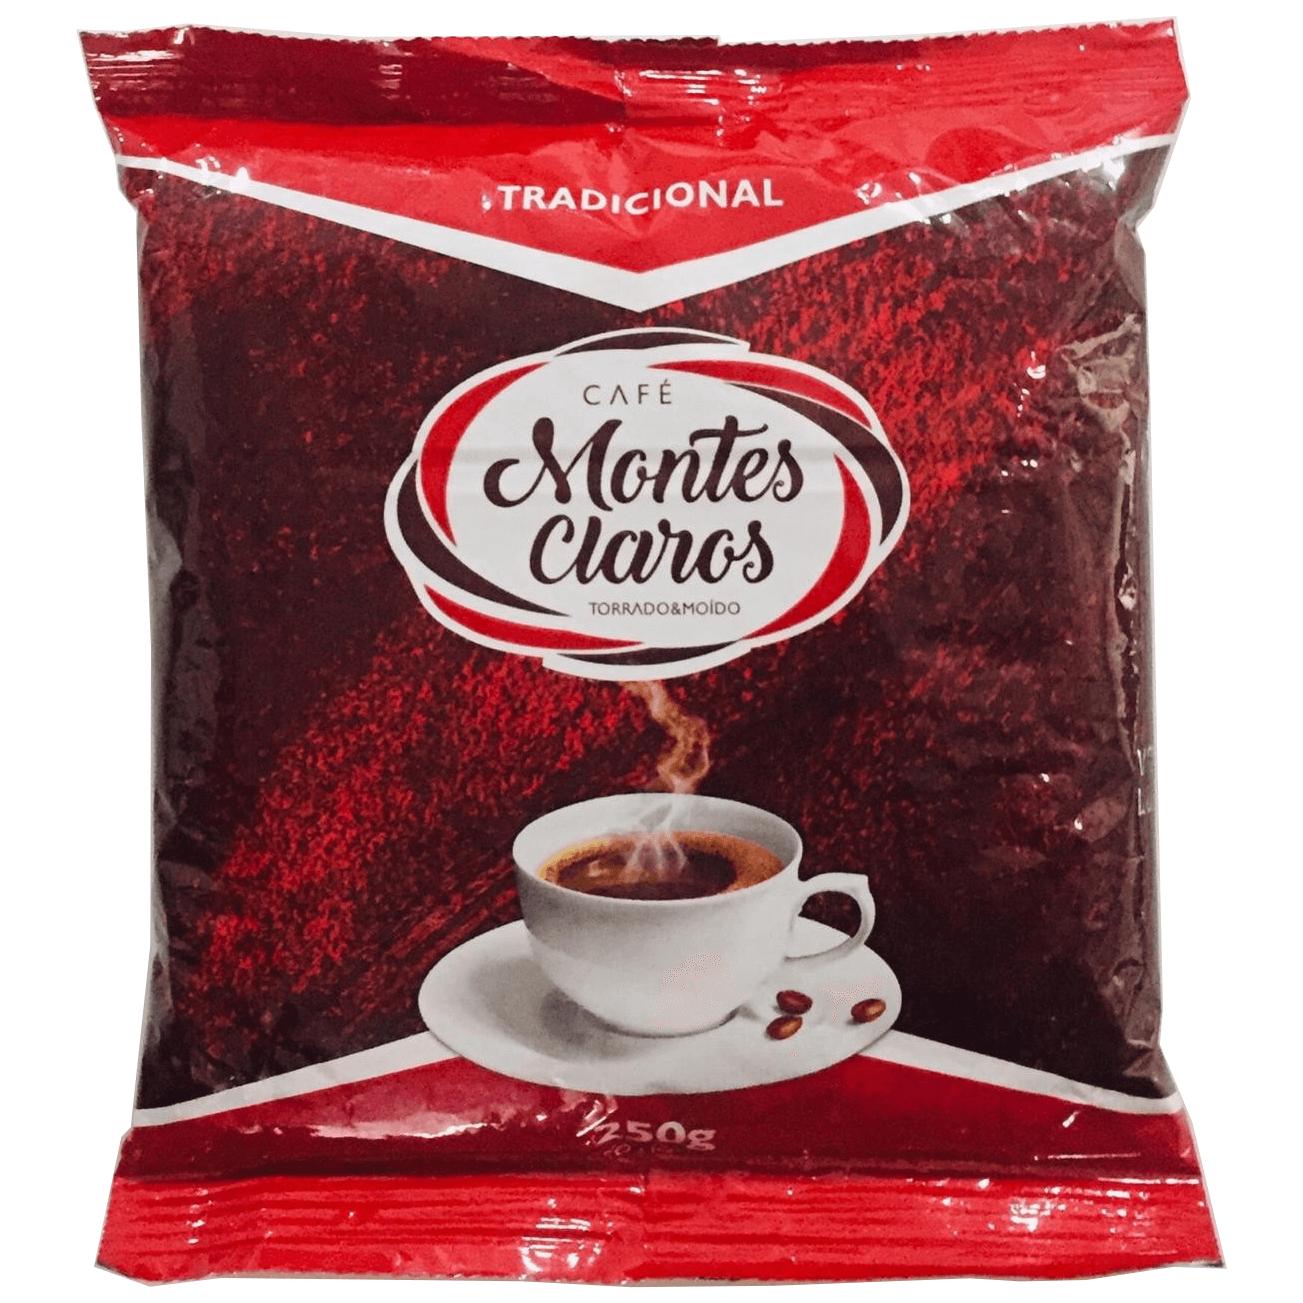 CAFÉ TRADICIONAL MONTES CLAROS 250G